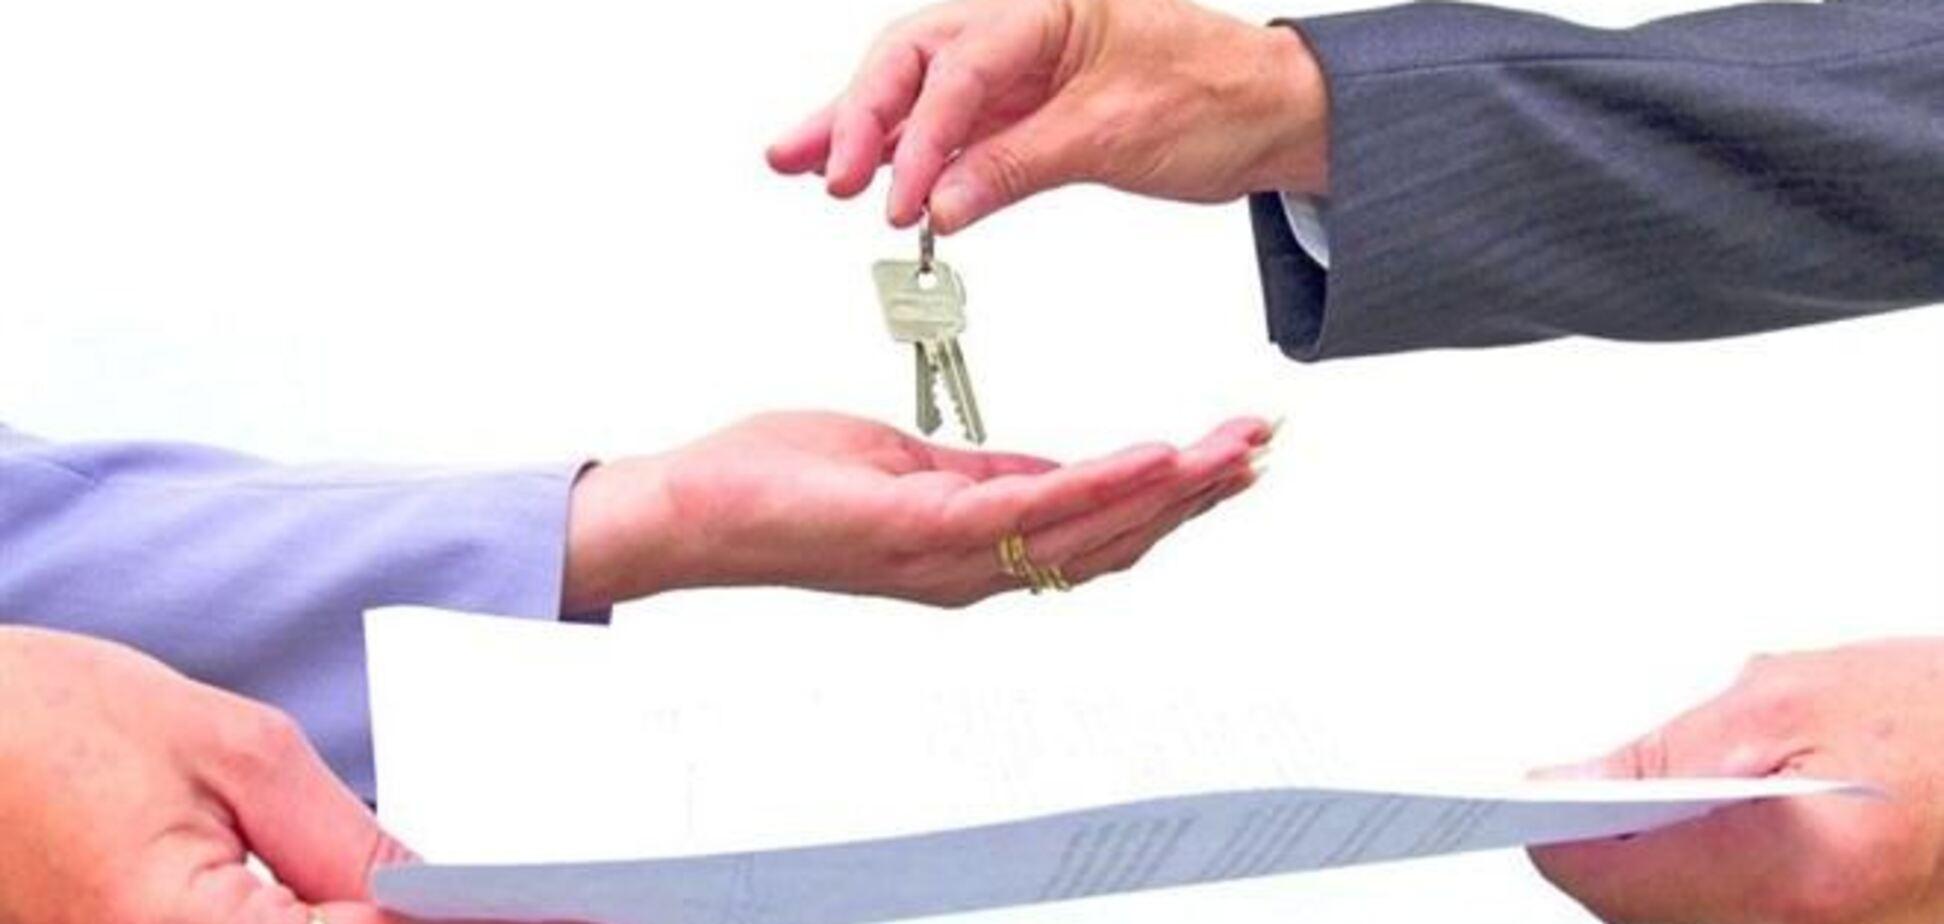 Украинцу со средней зарплатой придется полжизни копить на однокомнатную квартиру